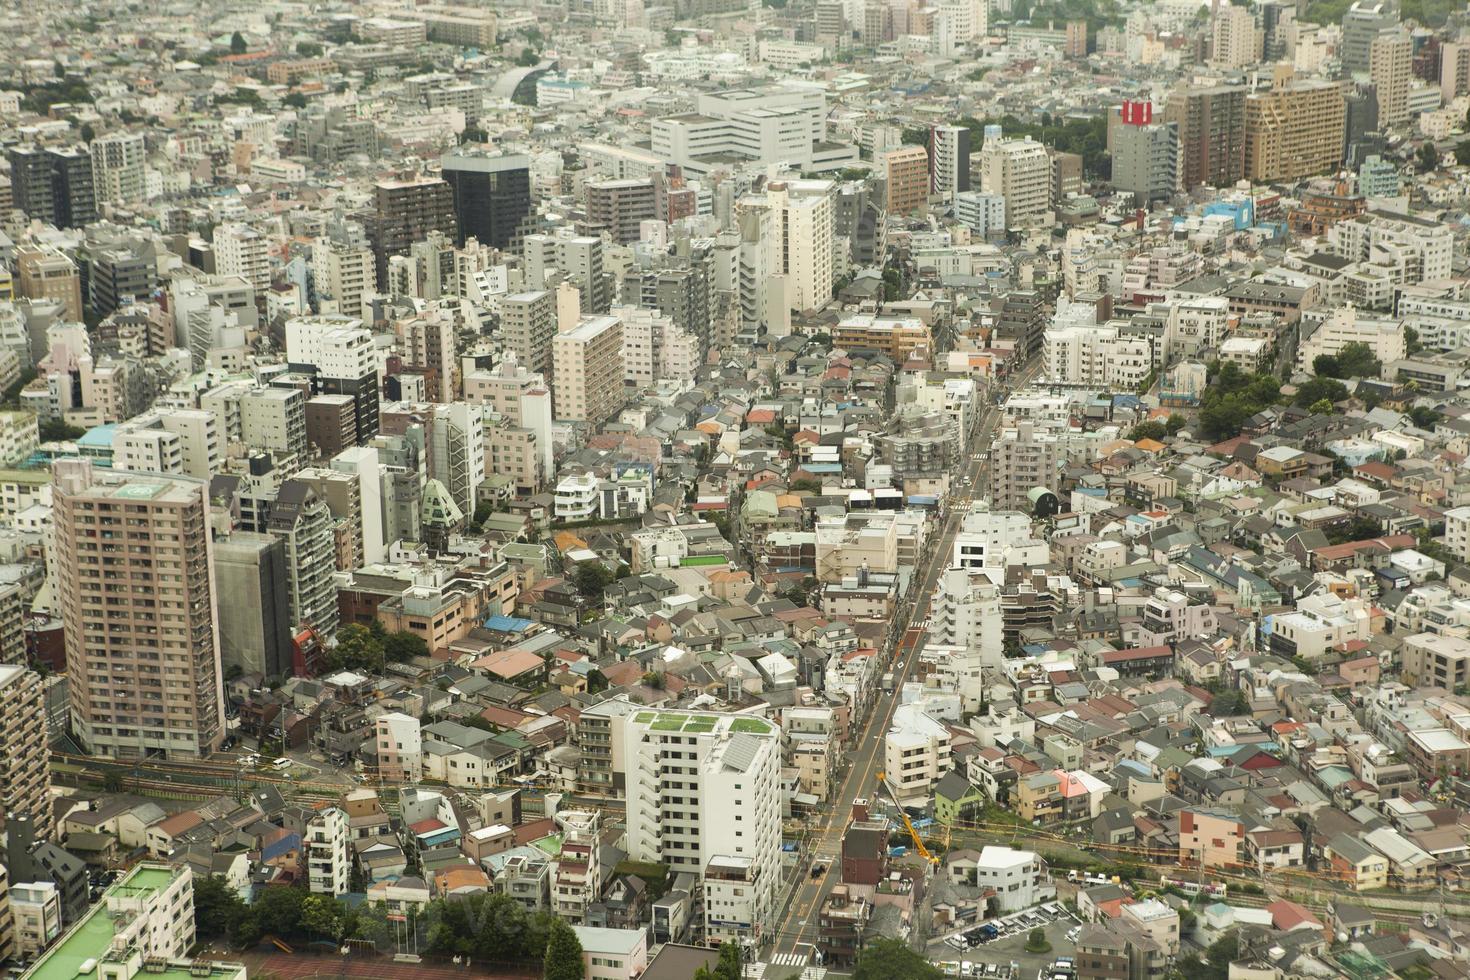 aérea de Tóquio foto